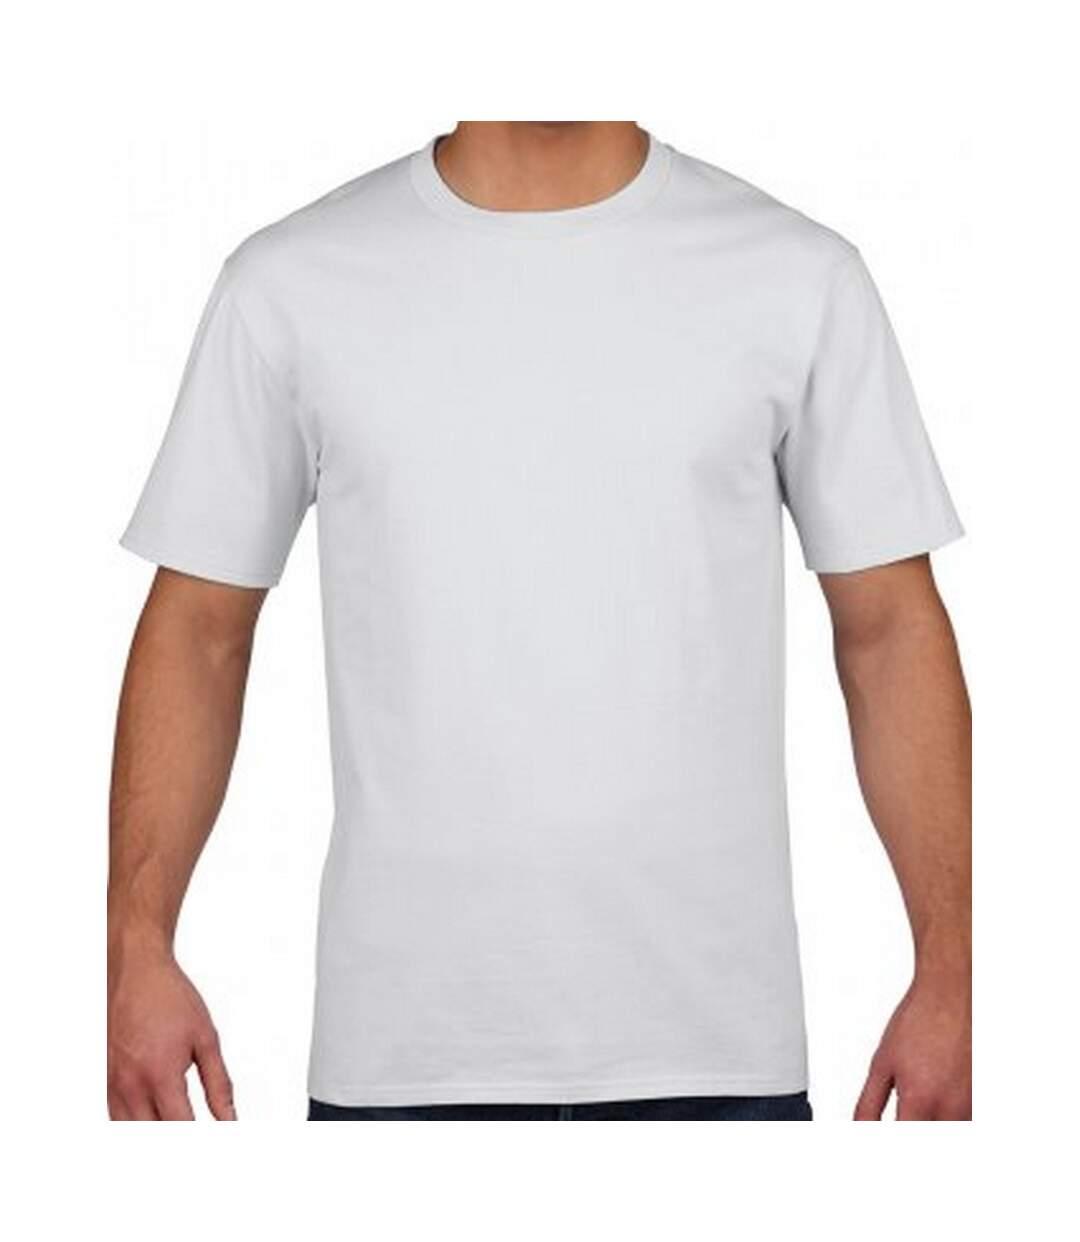 Gildan Mens Premium Cotton T-Shirt (White) - UTPC3231